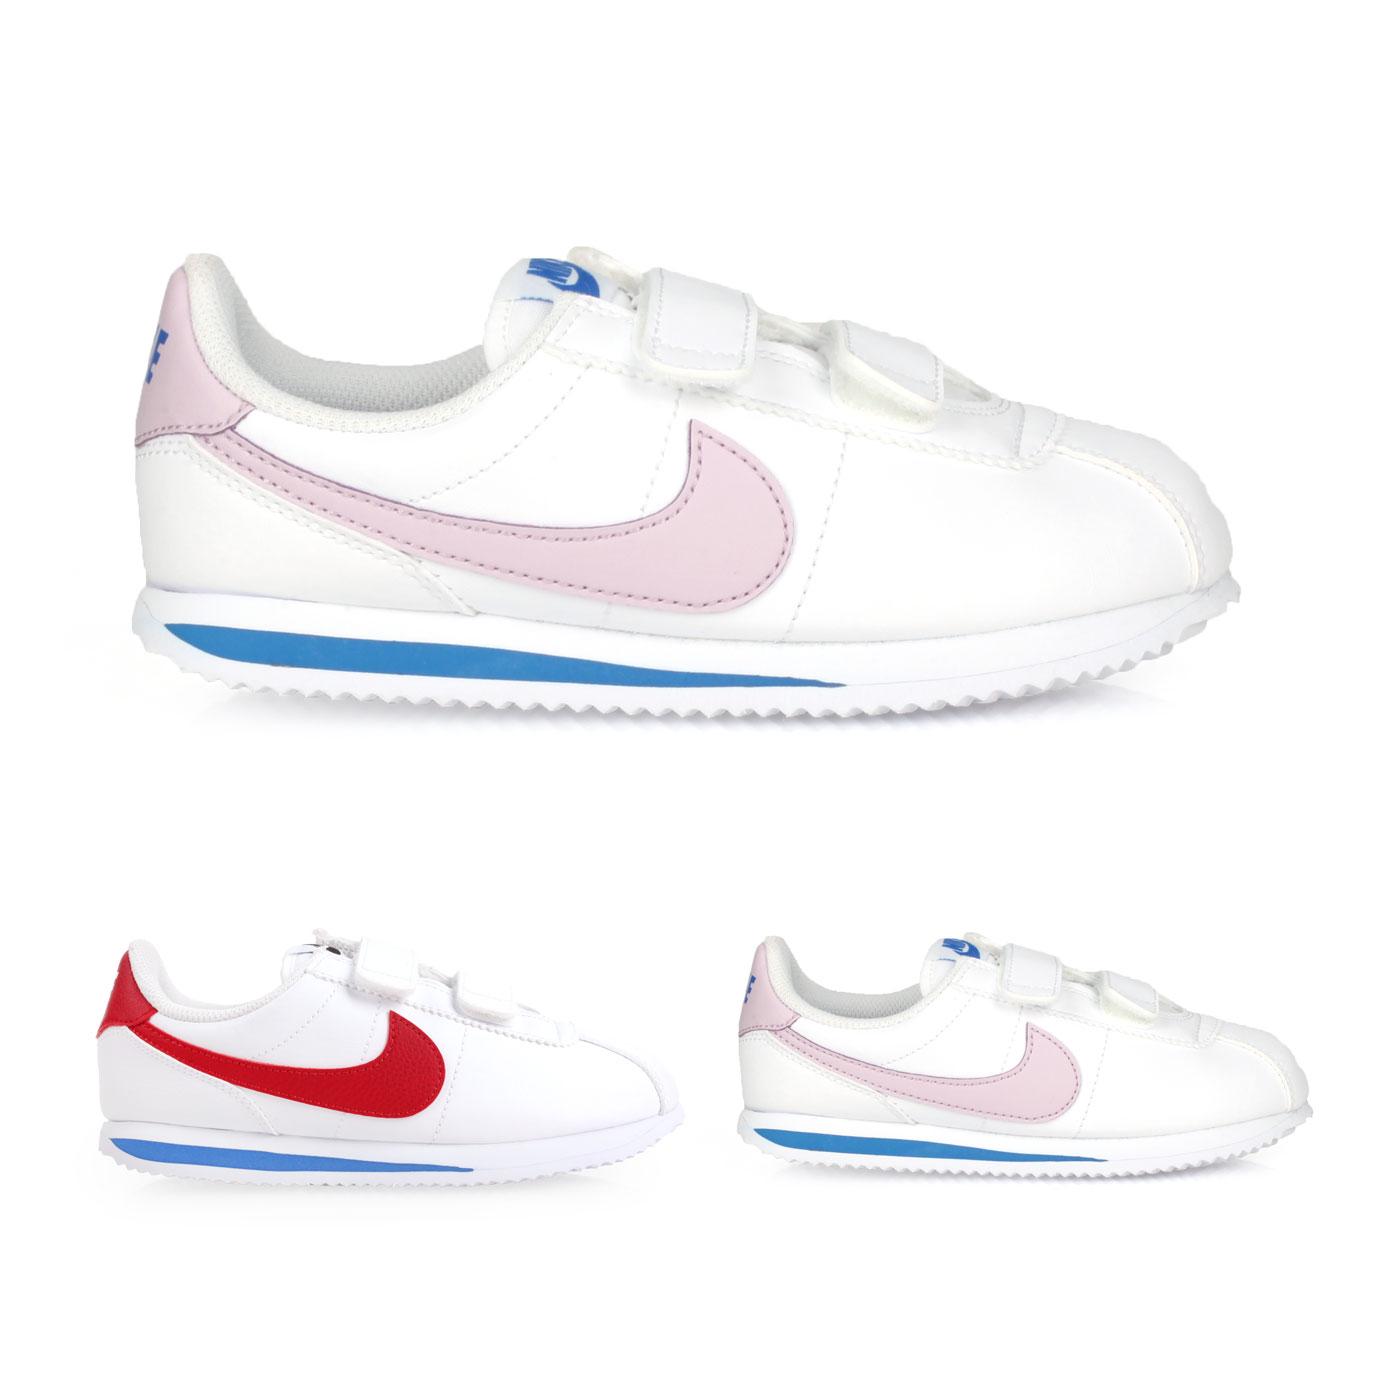 NIKE 兒童復古休閒鞋  @CORTEZ BASIC SL (PSV)@904767103